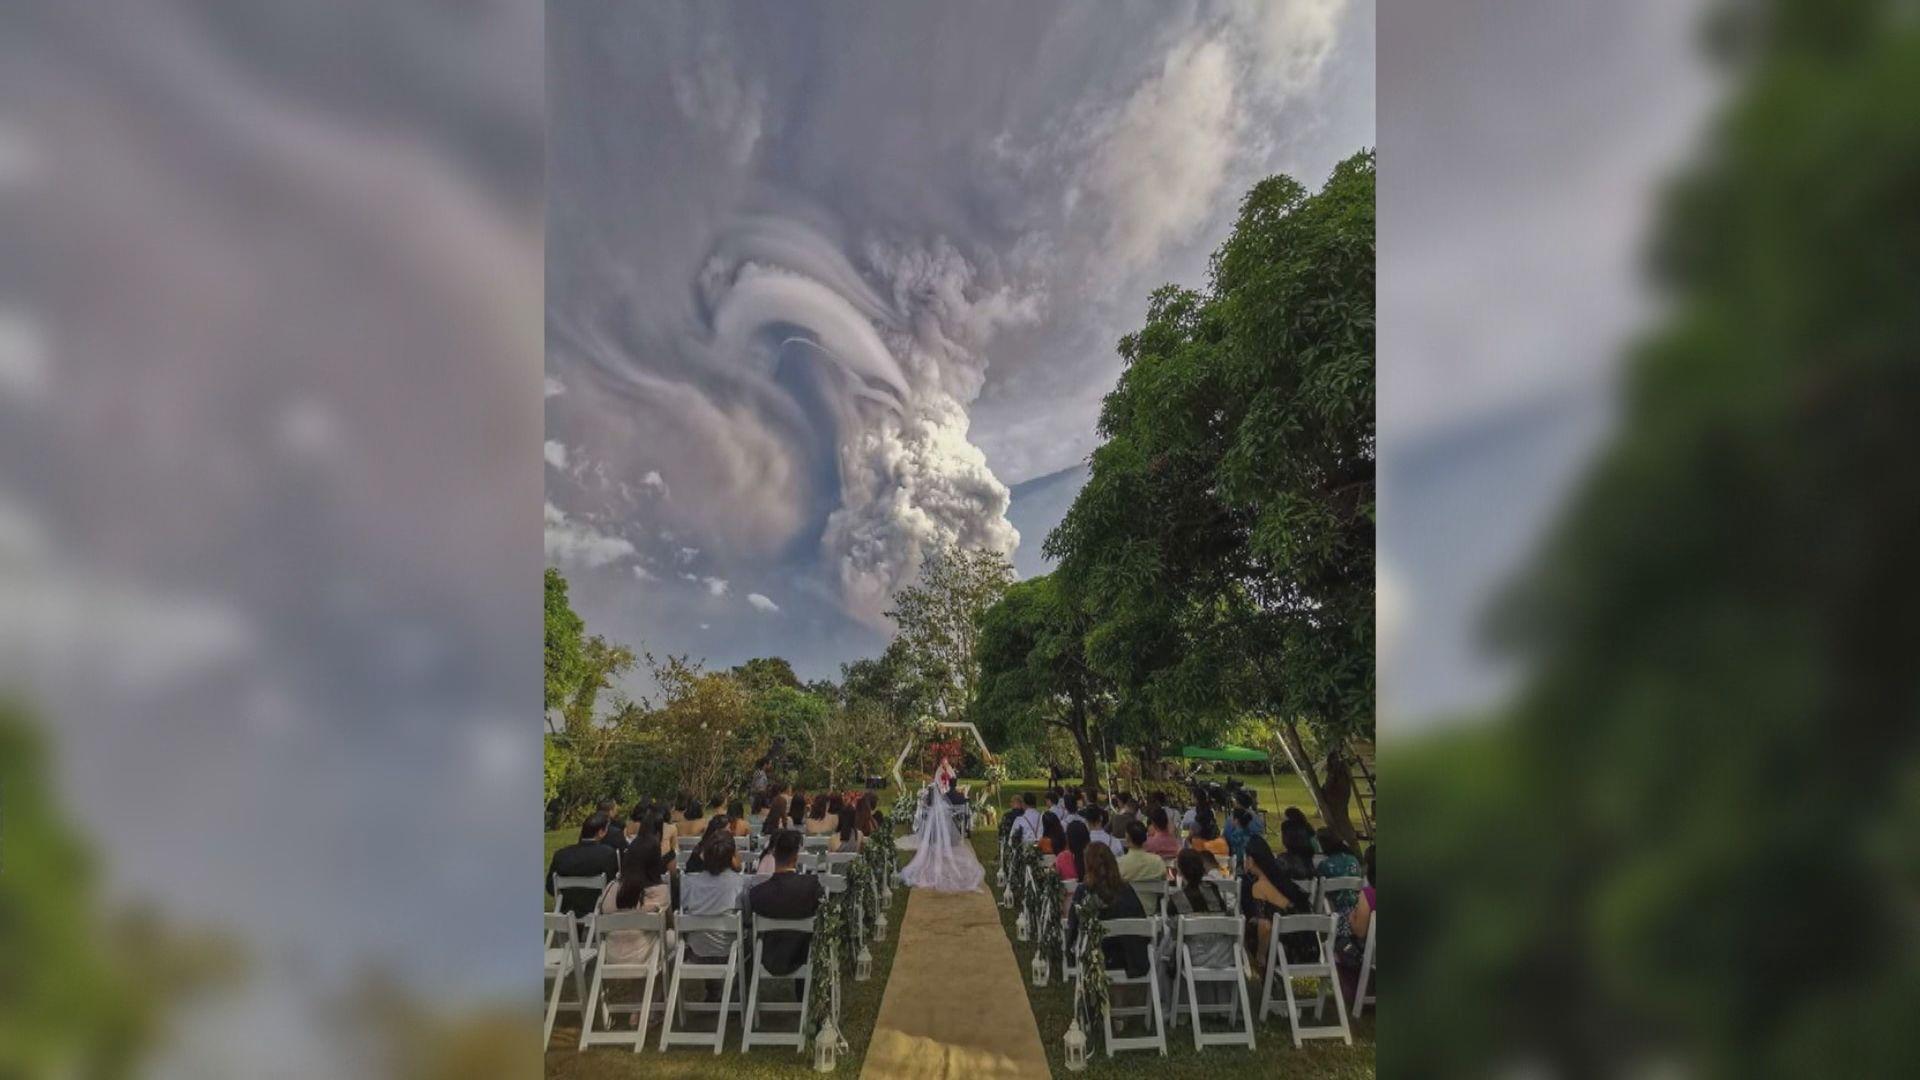 【環球薈報】菲律賓一對新人火山爆發下堅持完婚